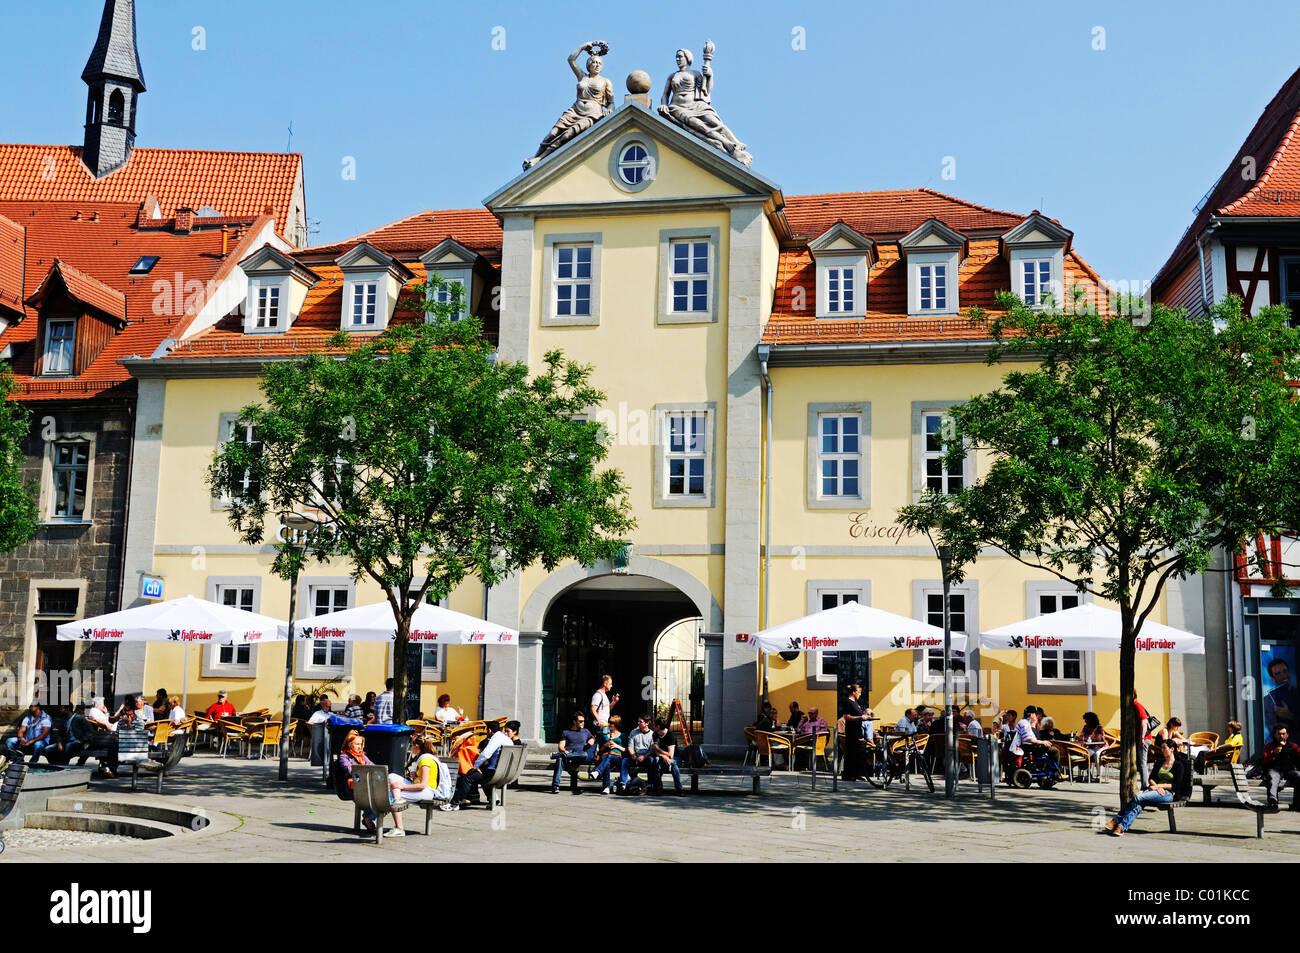 Des terrasses de cafés sur la place de la colère, Erfurt, Thuringe, Allemagne, Europe Banque D'Images